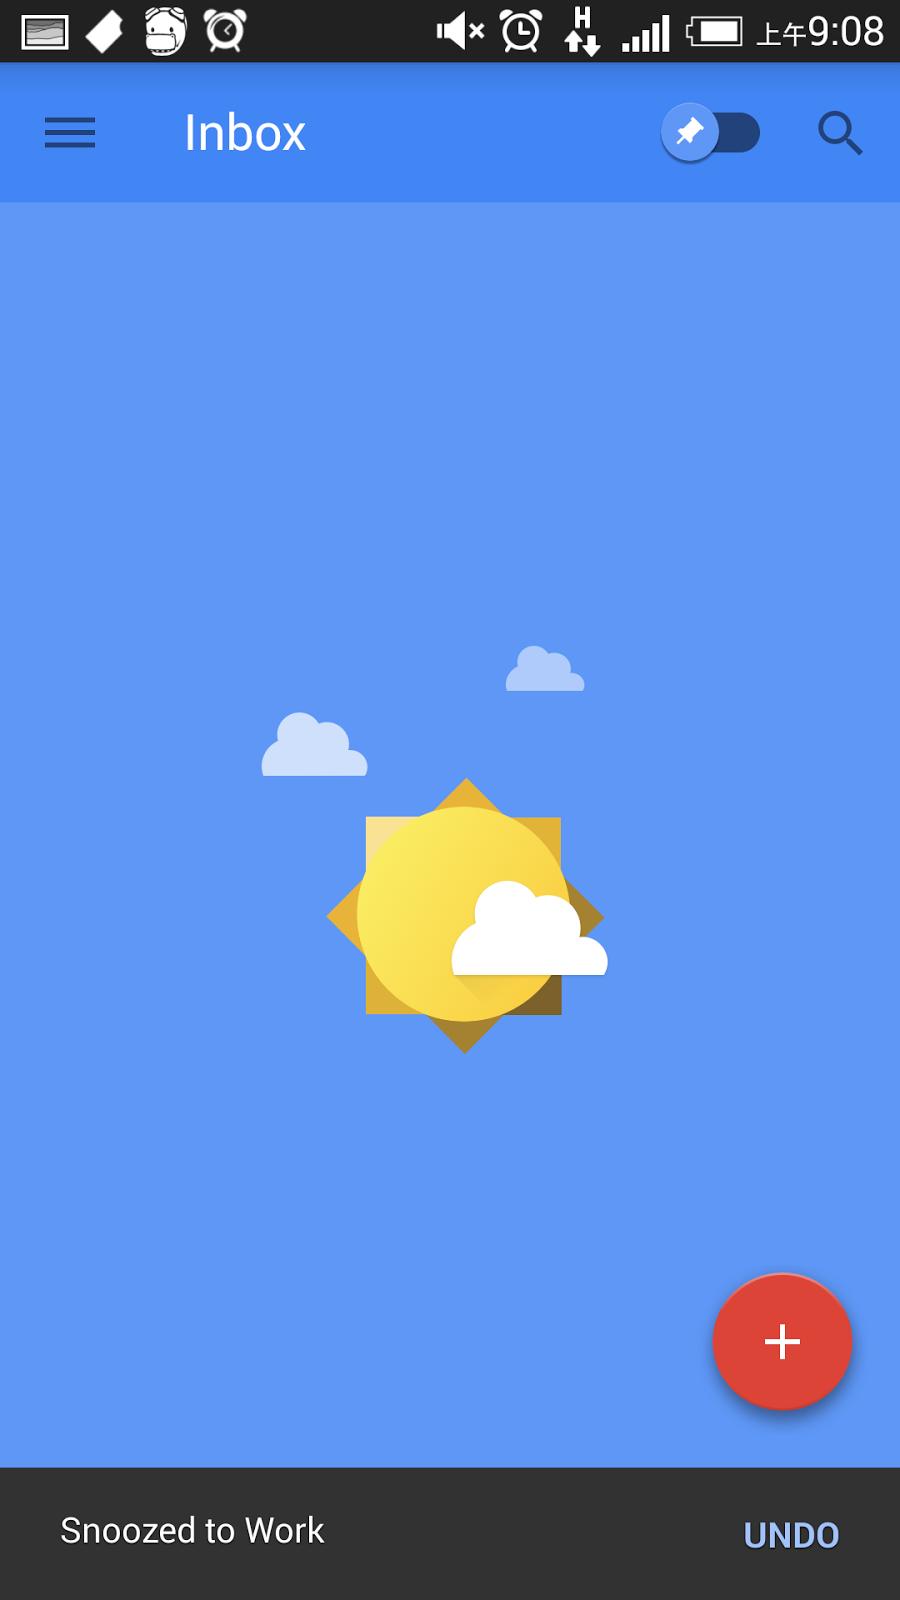 改變行動工作!電腦玩物 2014 最佳 Android App 推薦 Google%2BInbox%2BGTD-15